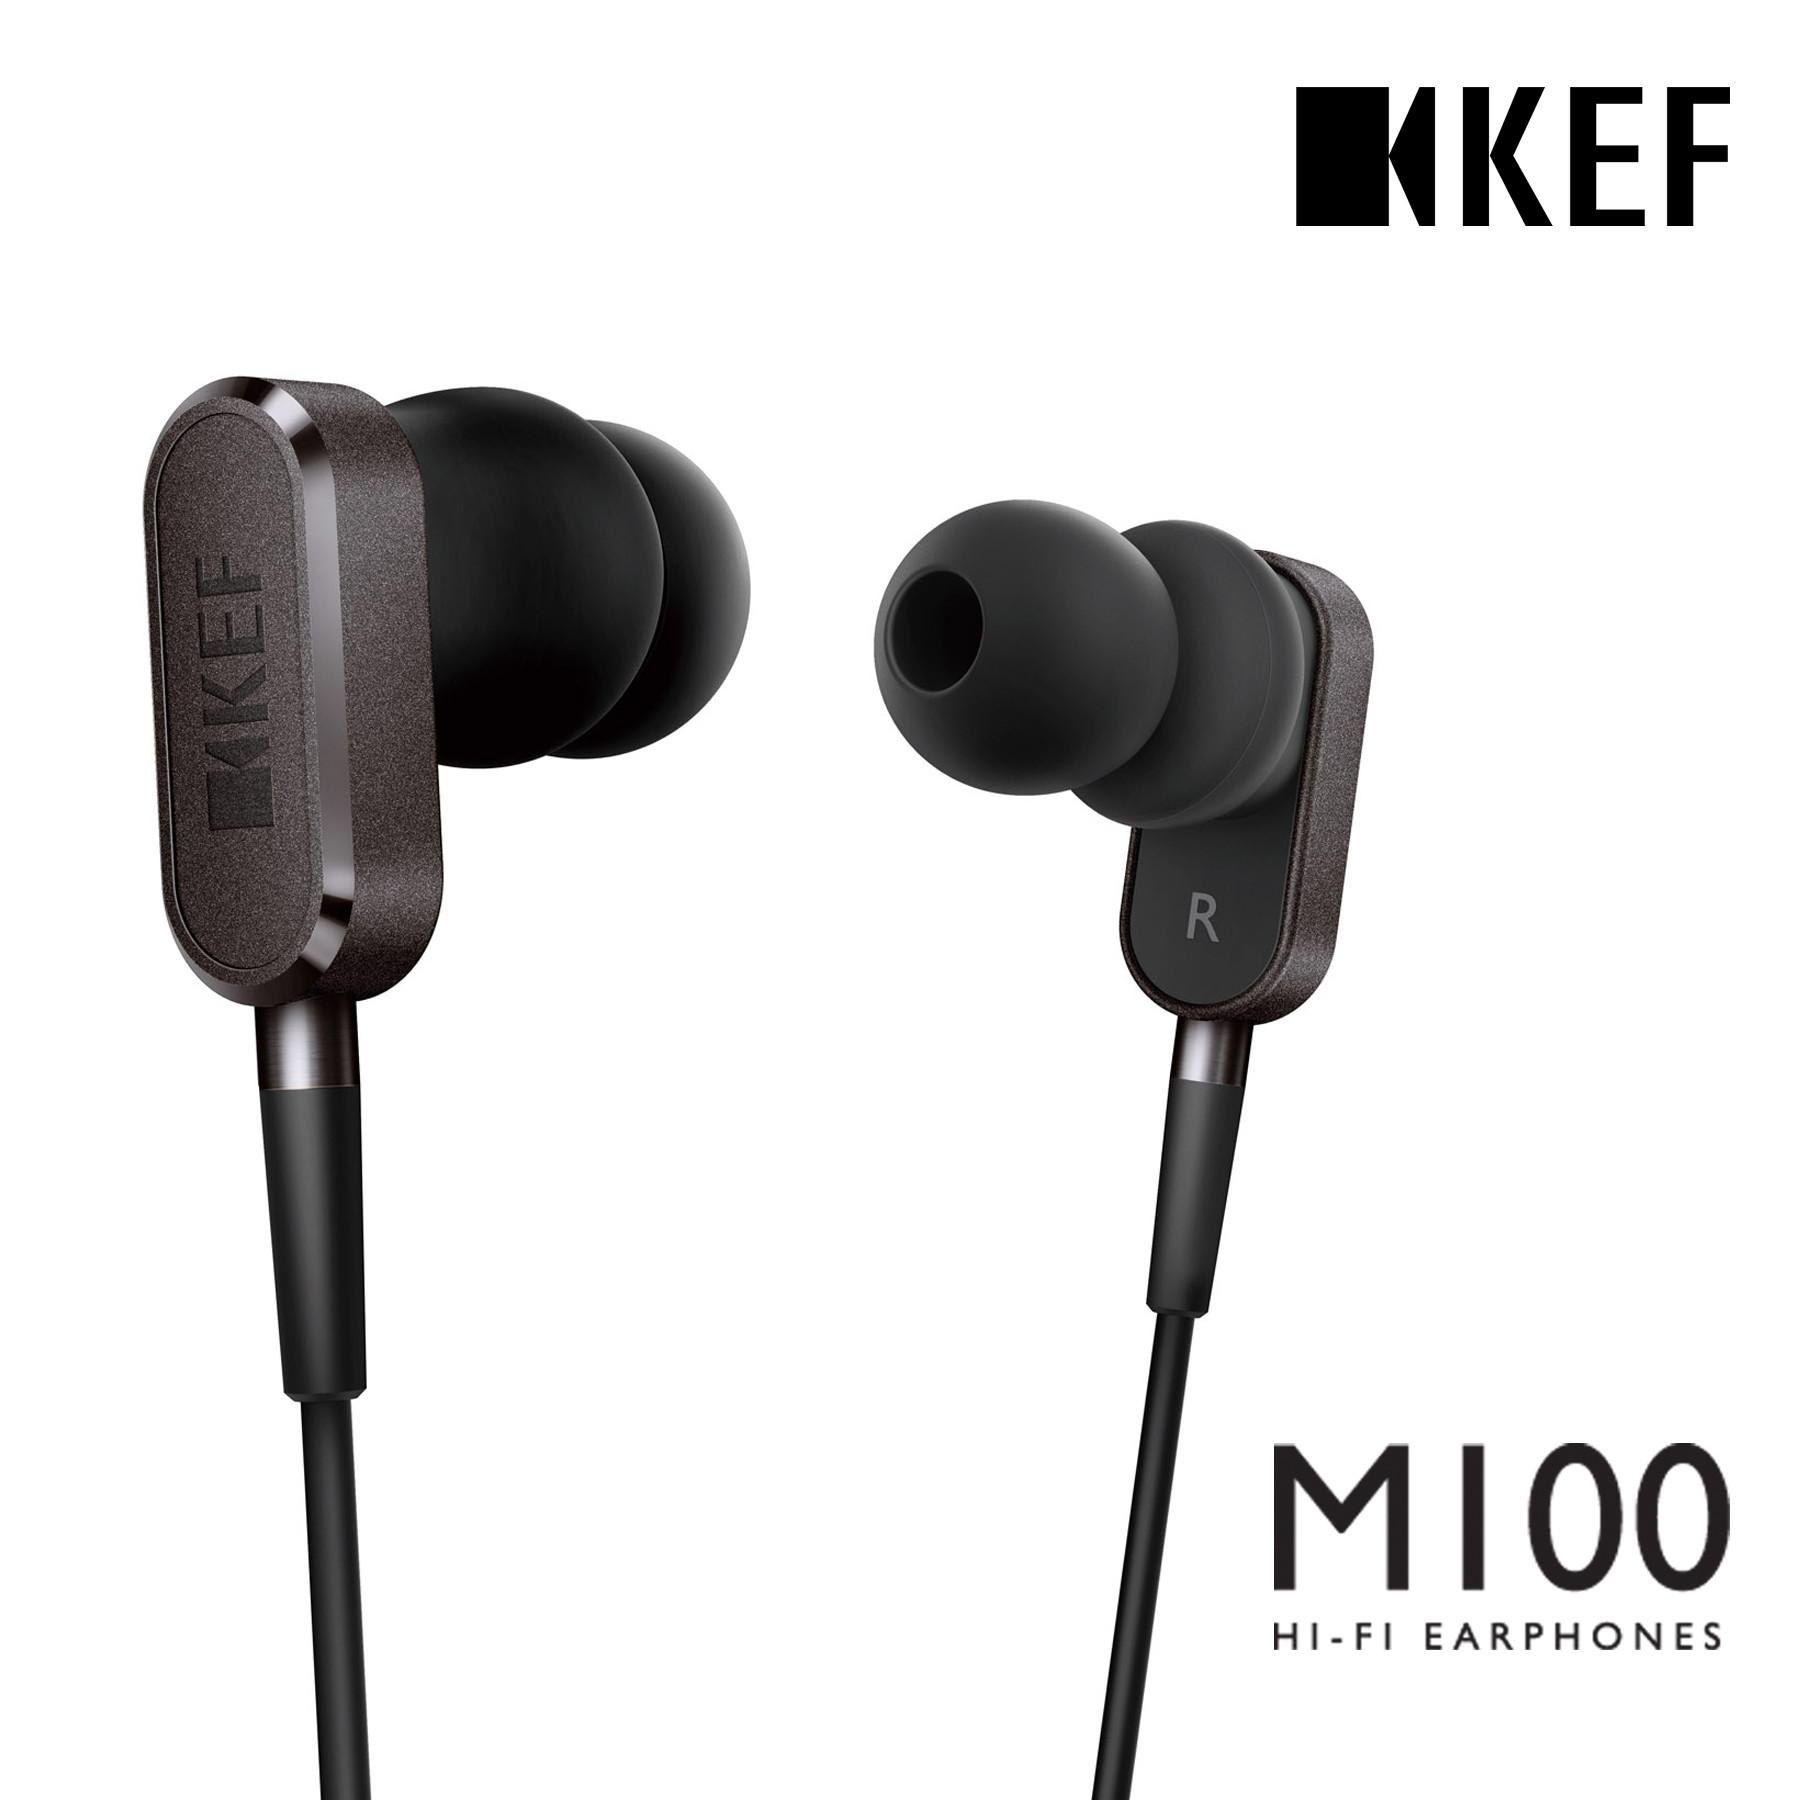 영국 KEF 데일리 프리미엄 인이어 이어폰 M100